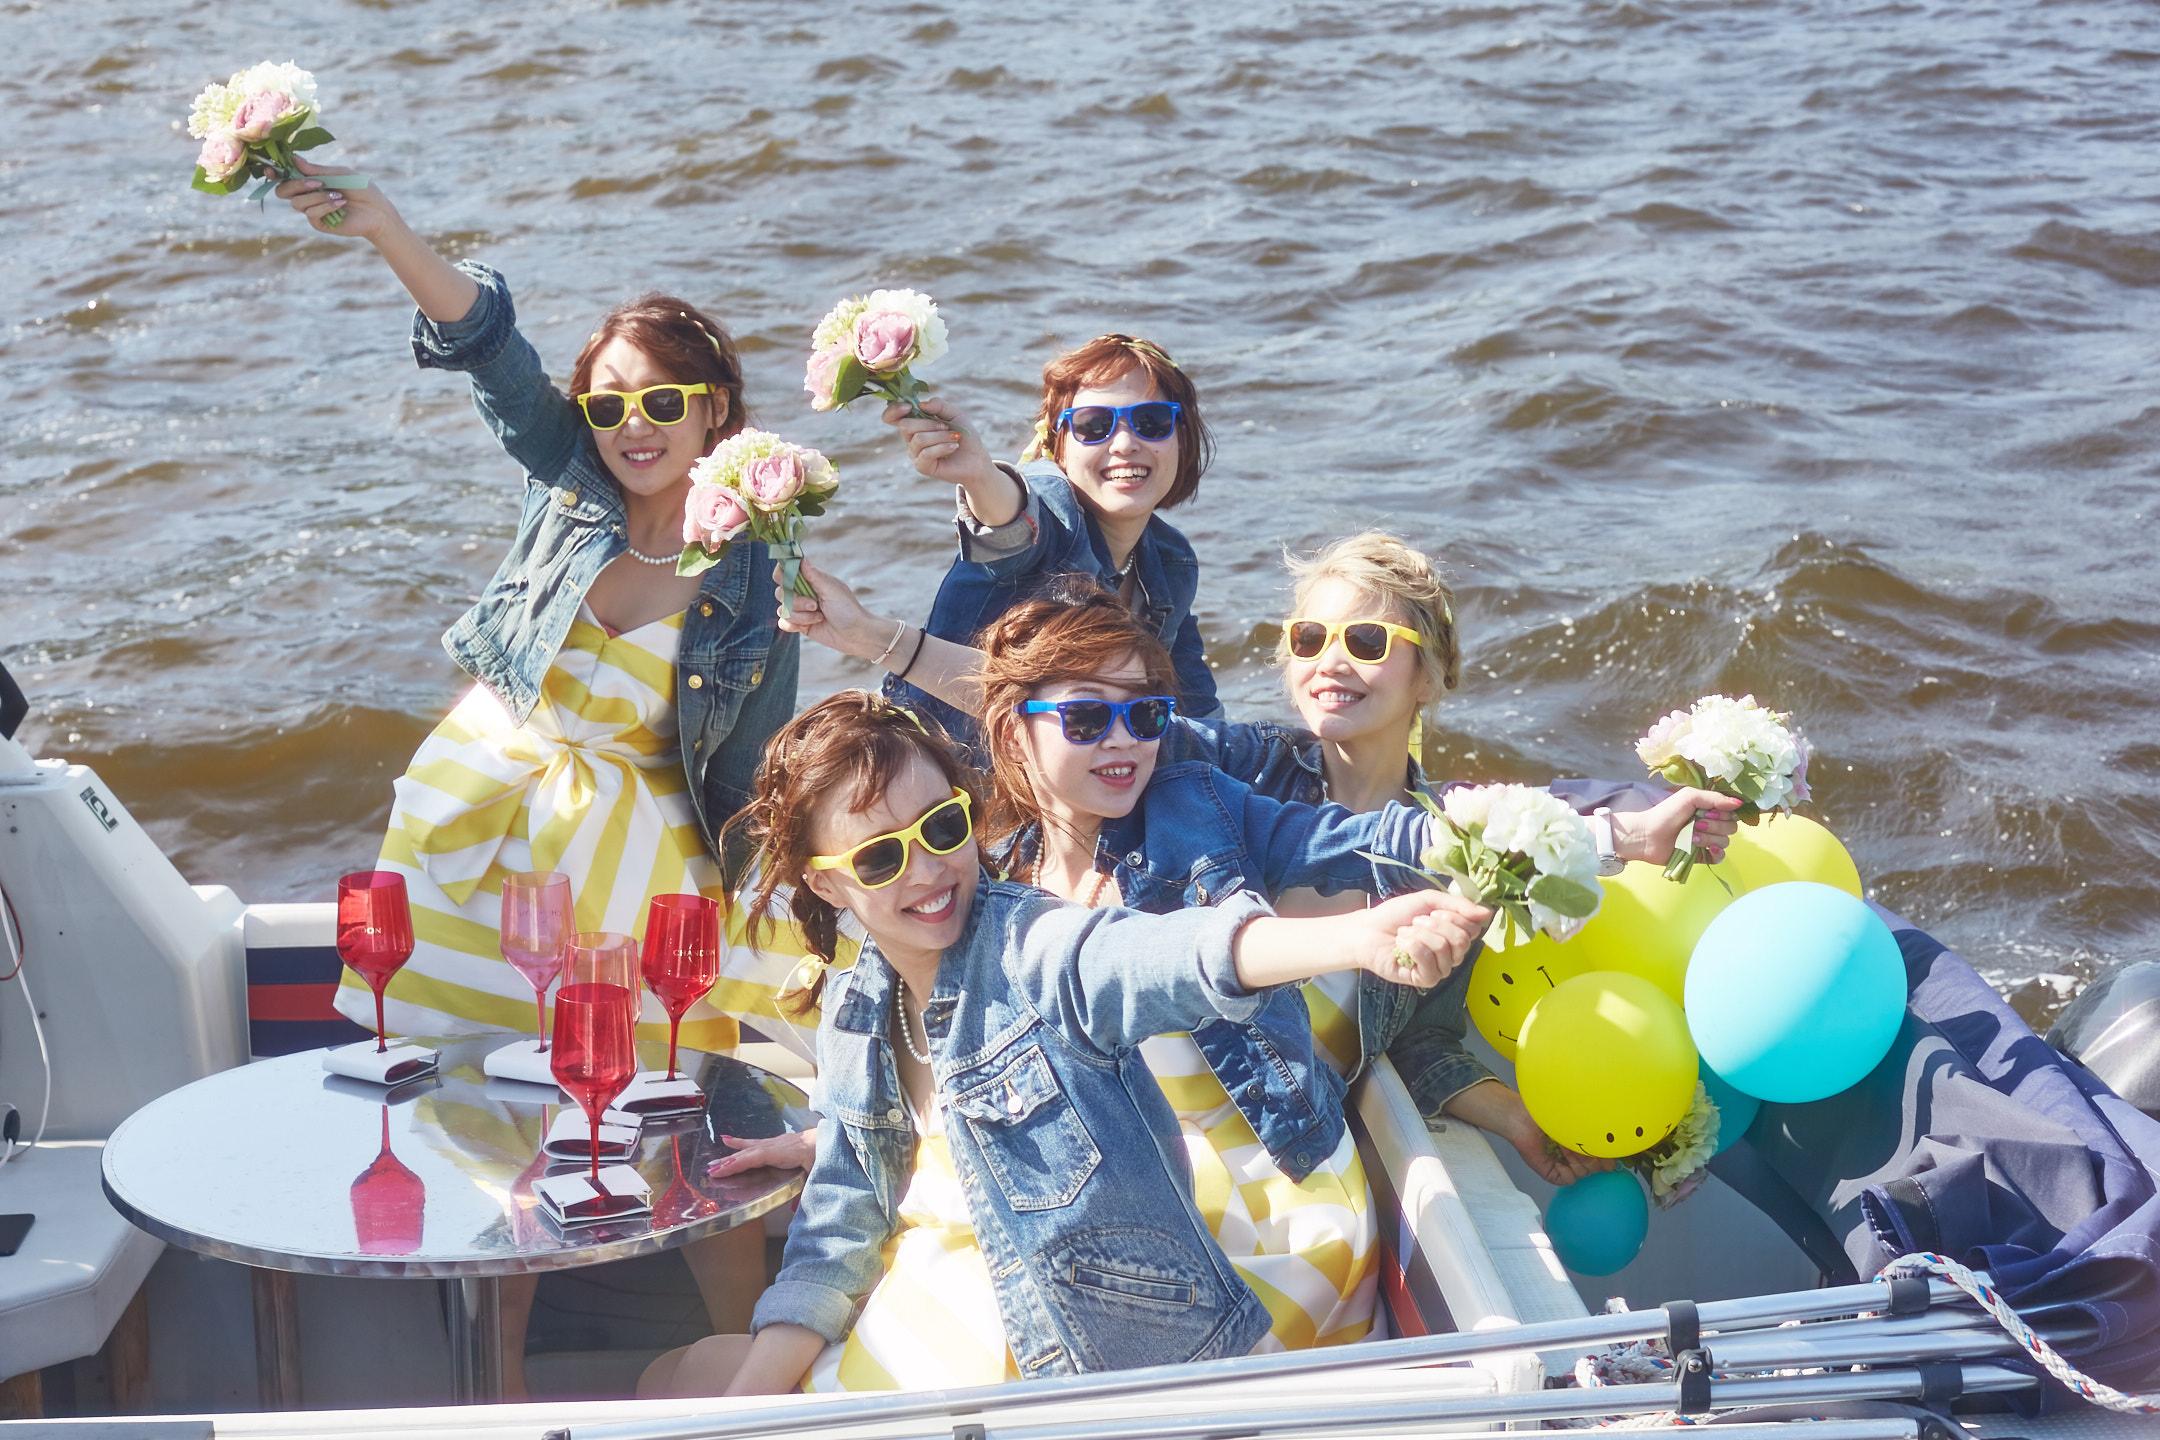 船上で楽しむ女性グループ